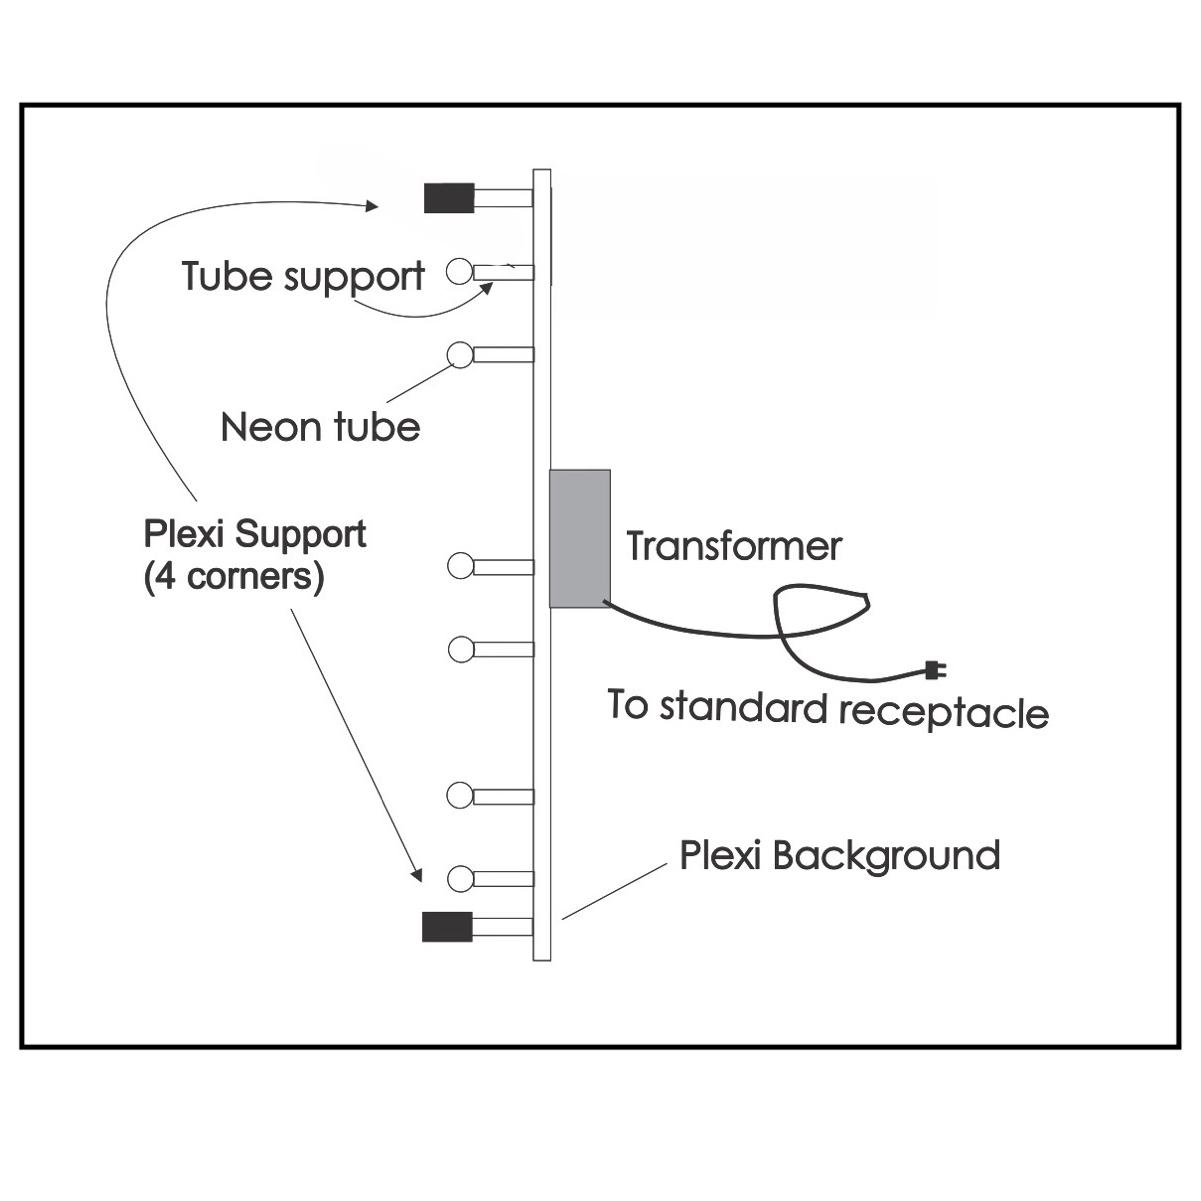 plexi_diagram_support.jpg